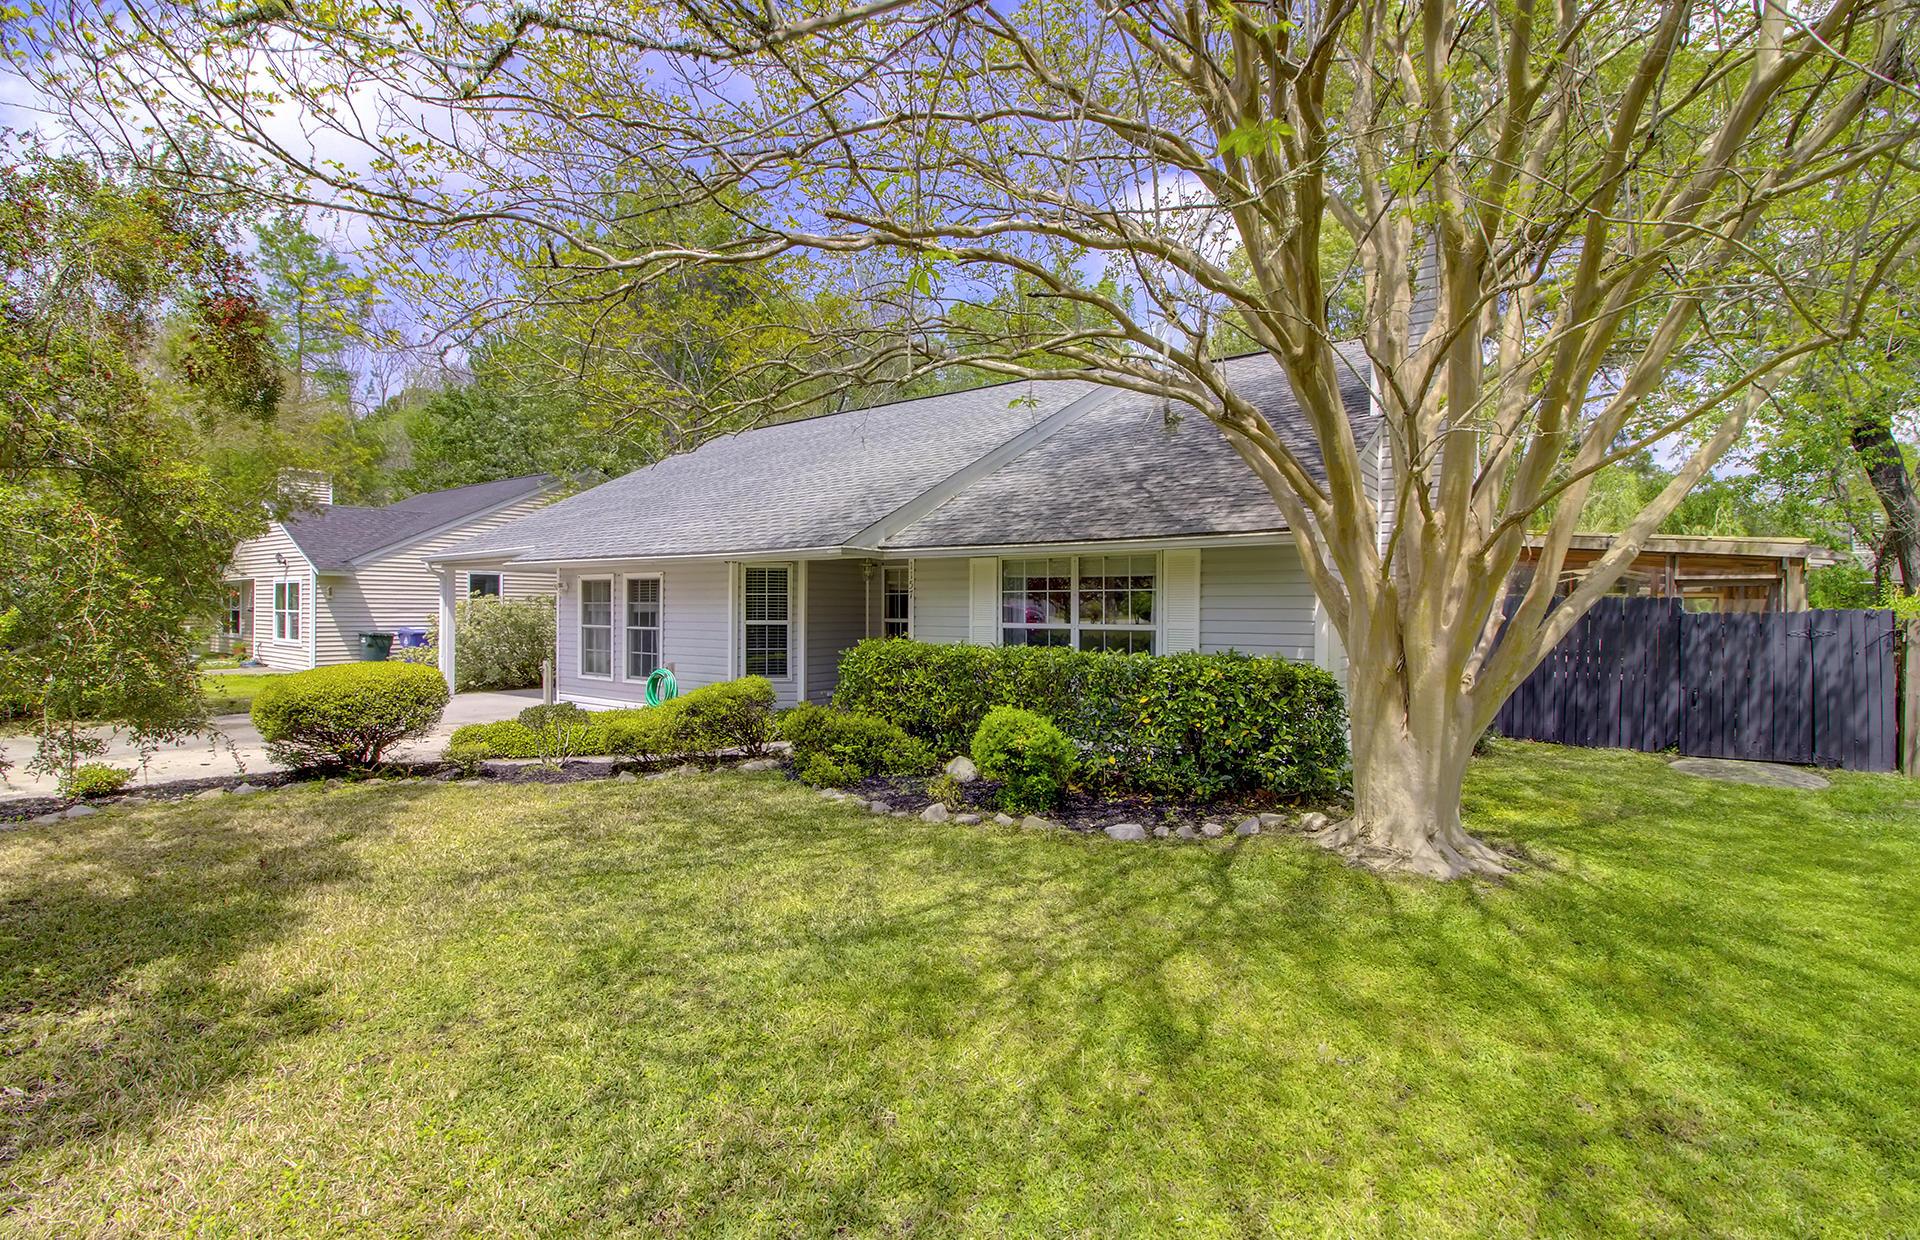 Willow Walk Homes For Sale - 1157 Oakcrest, Charleston, SC - 1